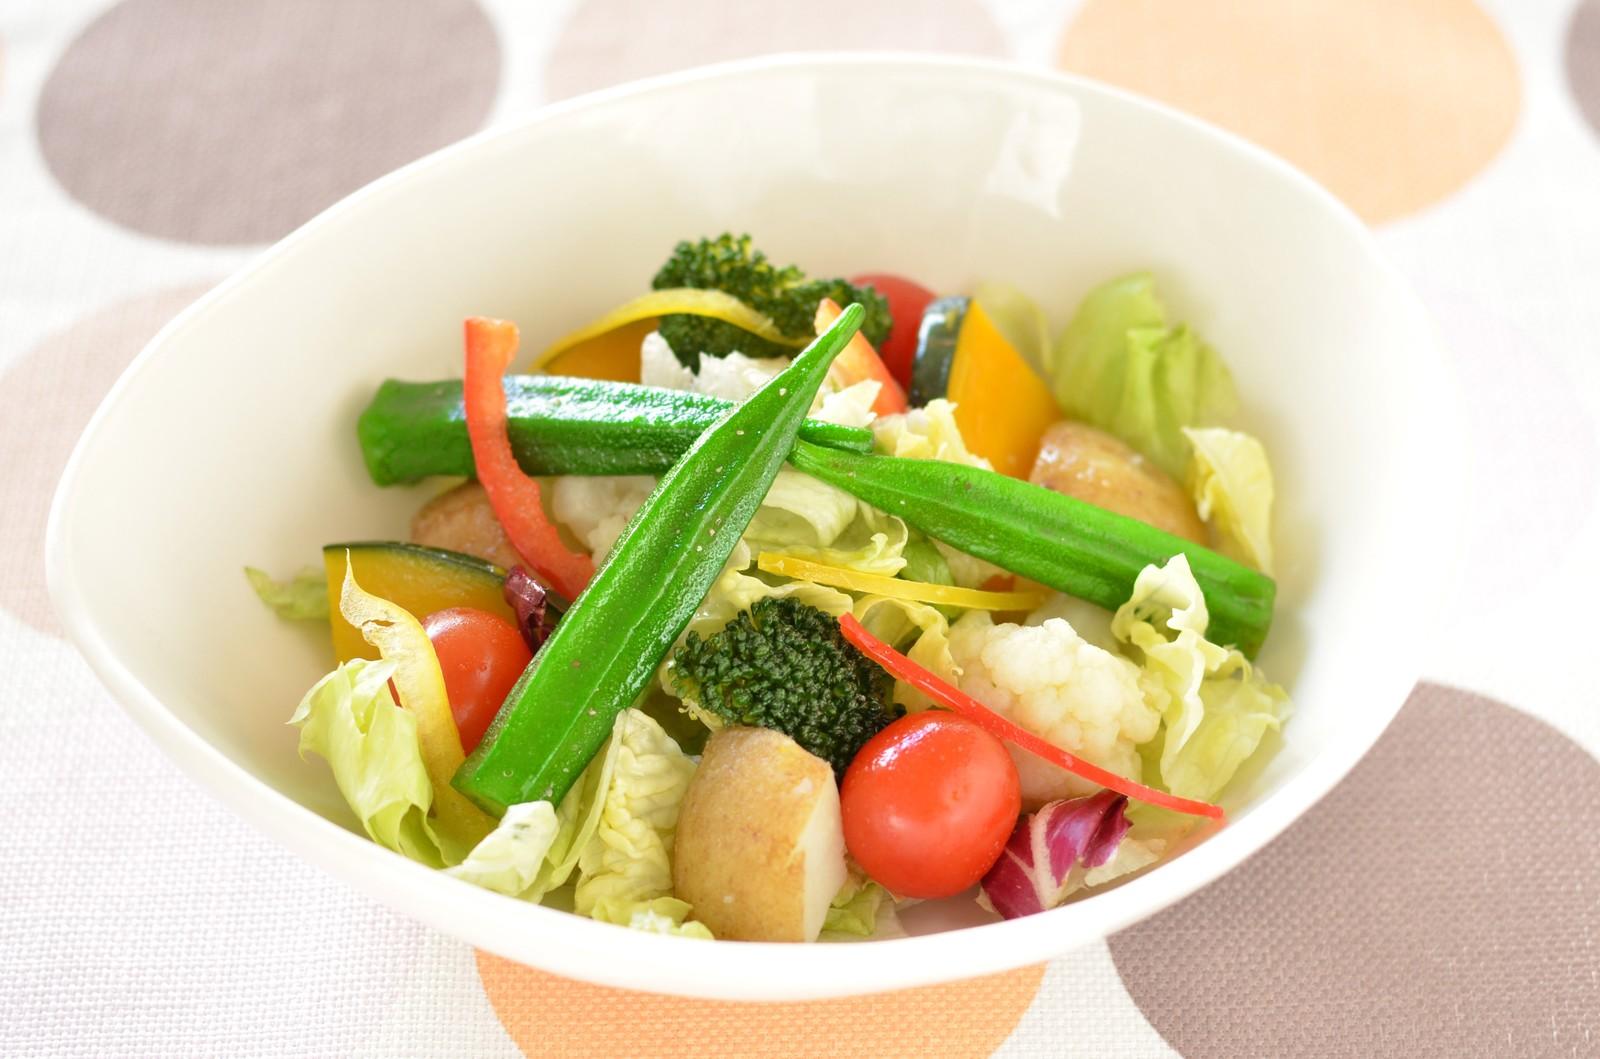 食物繊維をとって腸内環境を整えよう